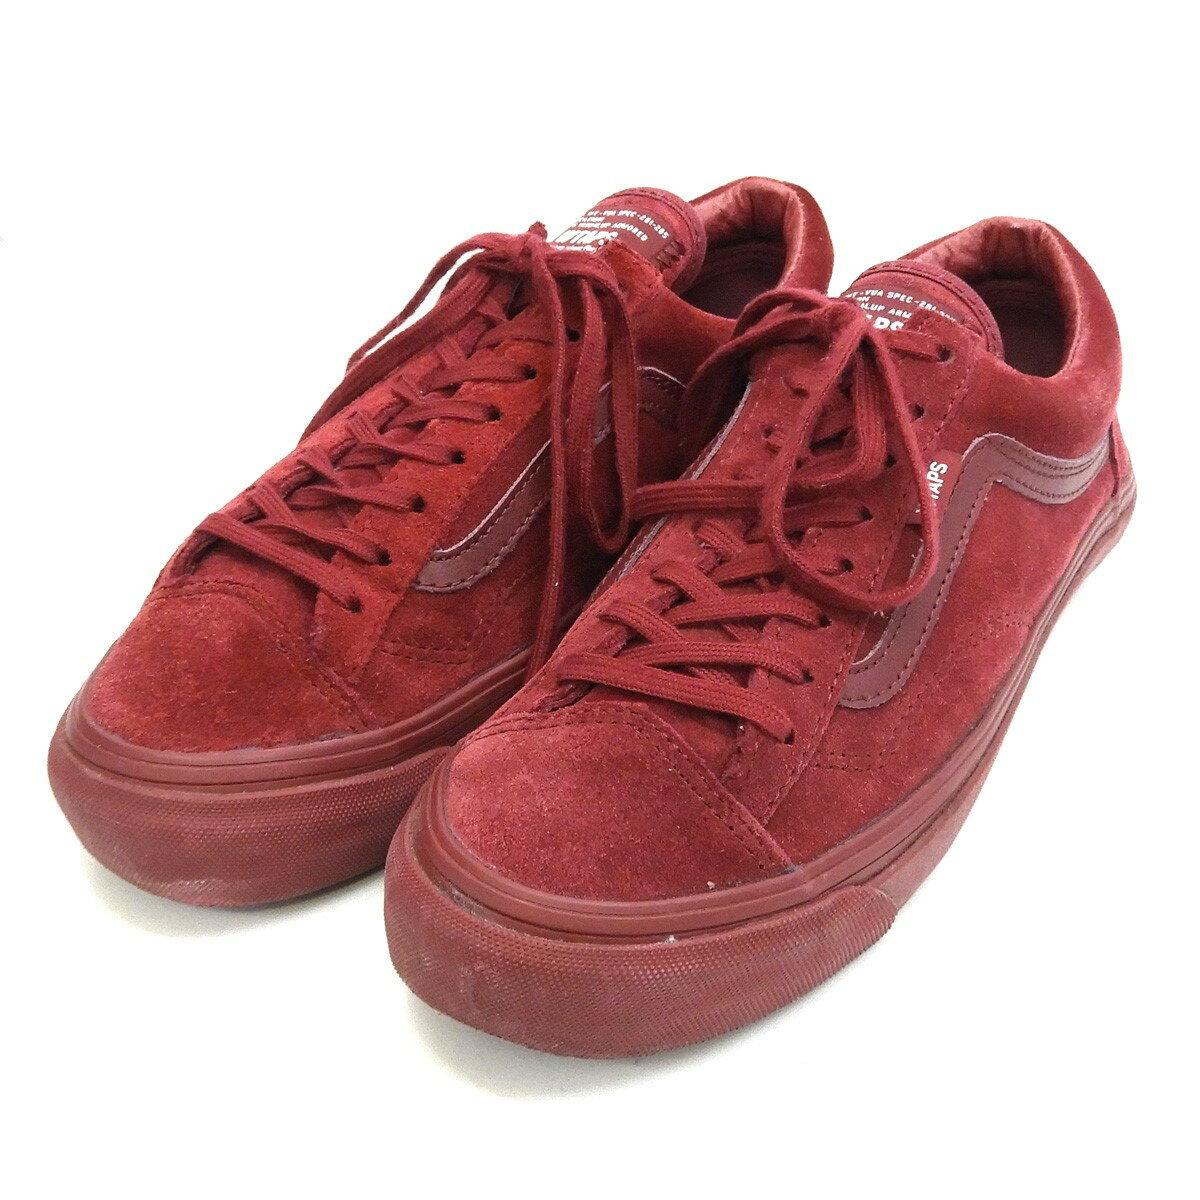 メンズ靴, スニーカー WTAPS VANS VAULT2015AW OG STYLE 36 LX 25cm 928